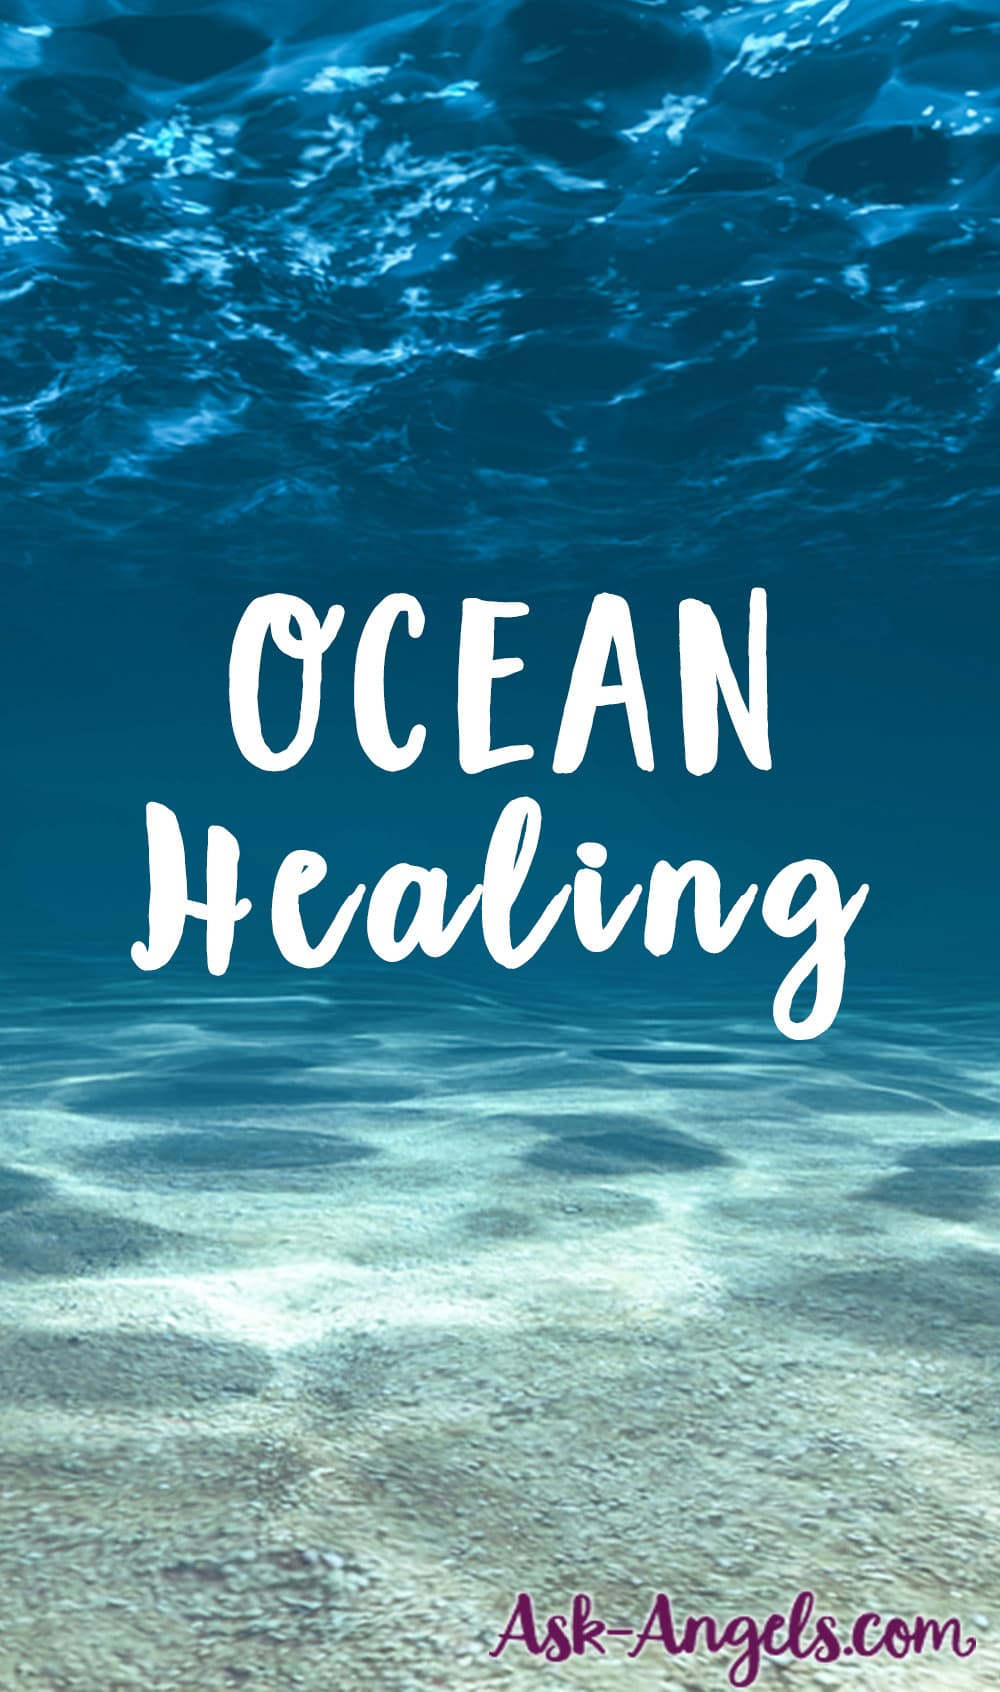 Guérison par l'océan